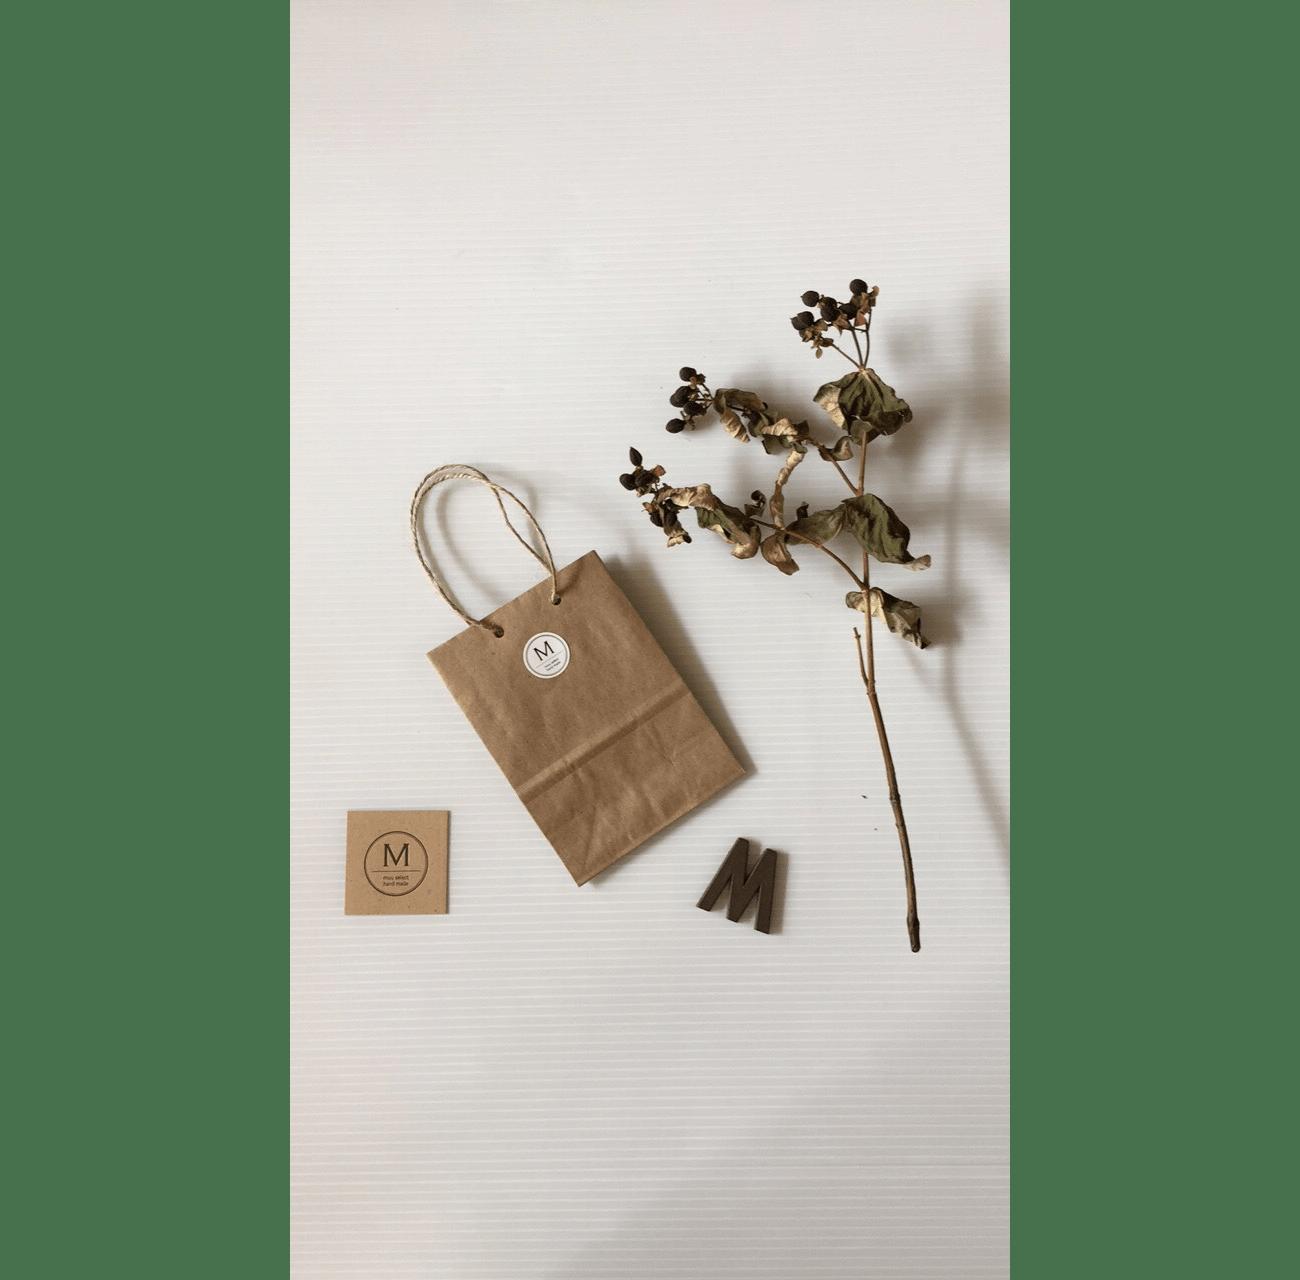 姫路市 雑貨ショップmuu様 ロゴ・名刺デザイン制作2